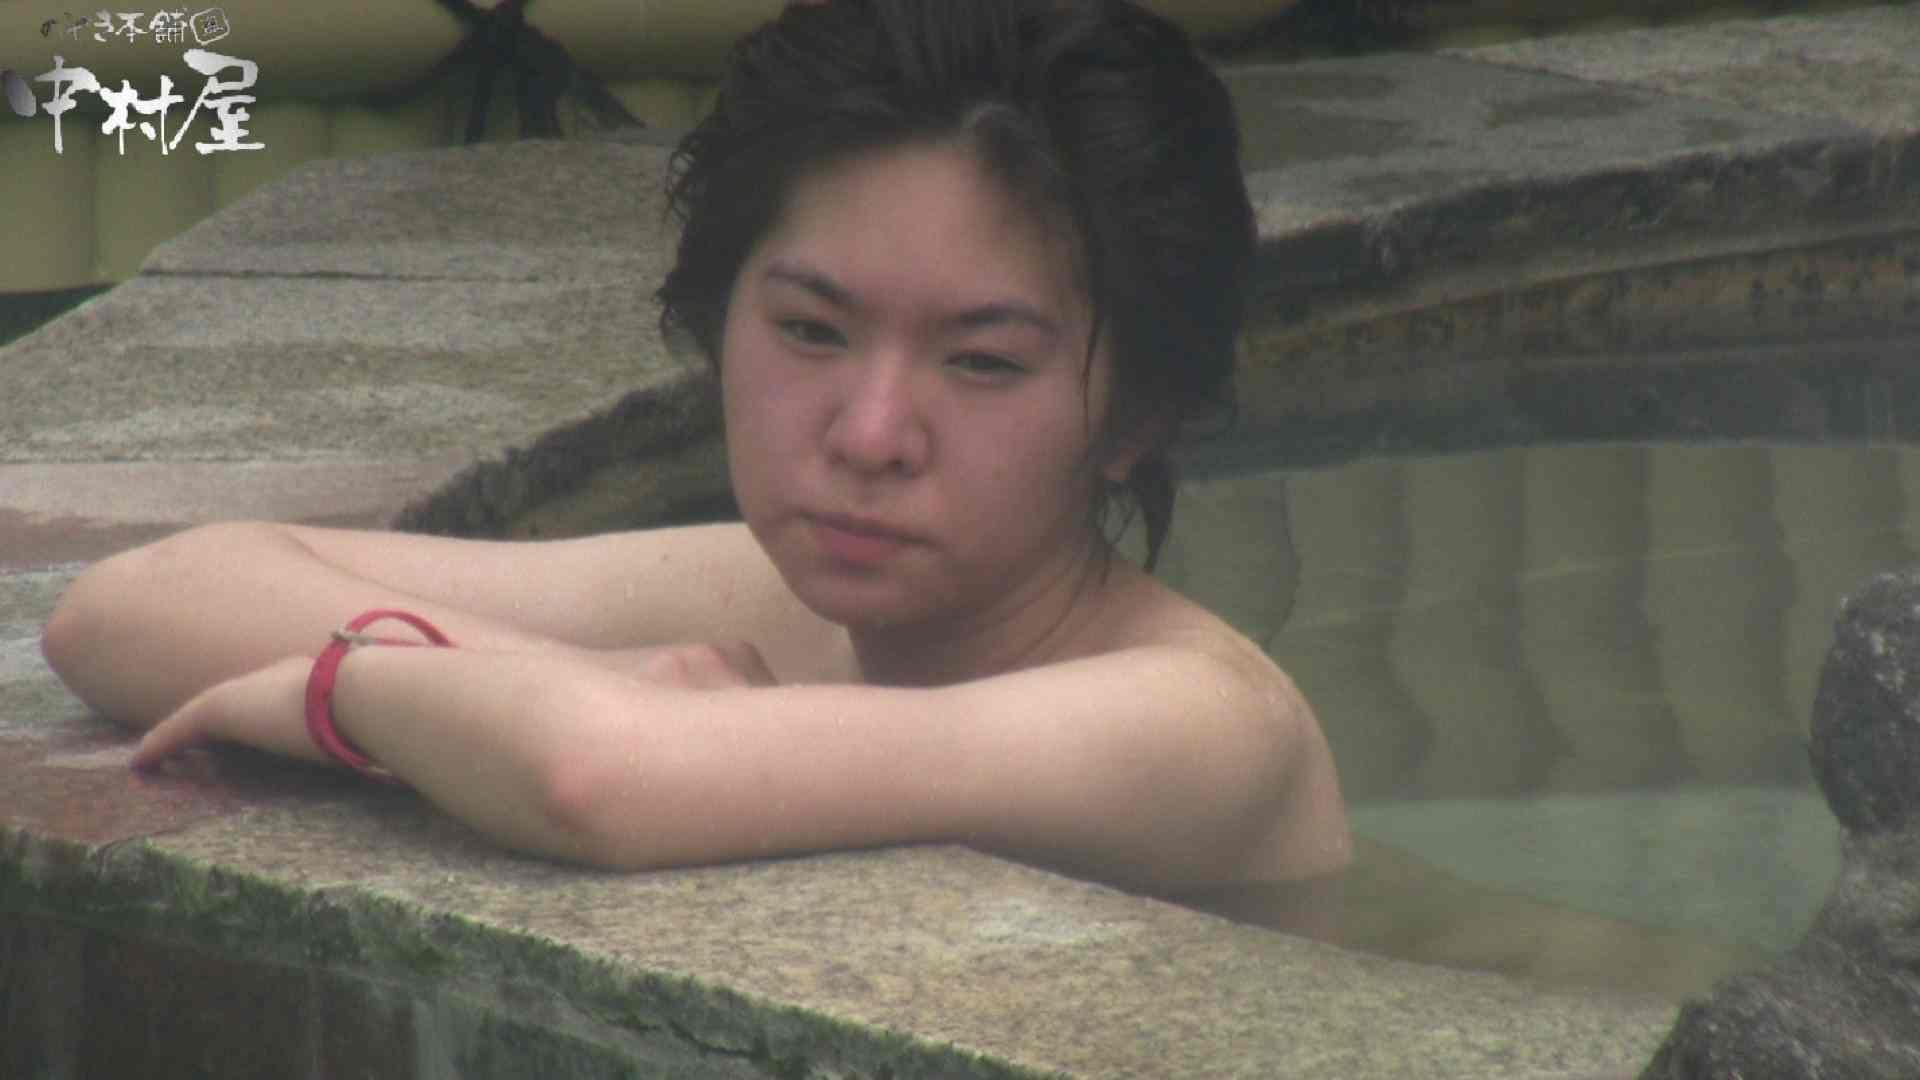 Aquaな露天風呂Vol.907 OL女体 | 女体盗撮  95連発 88